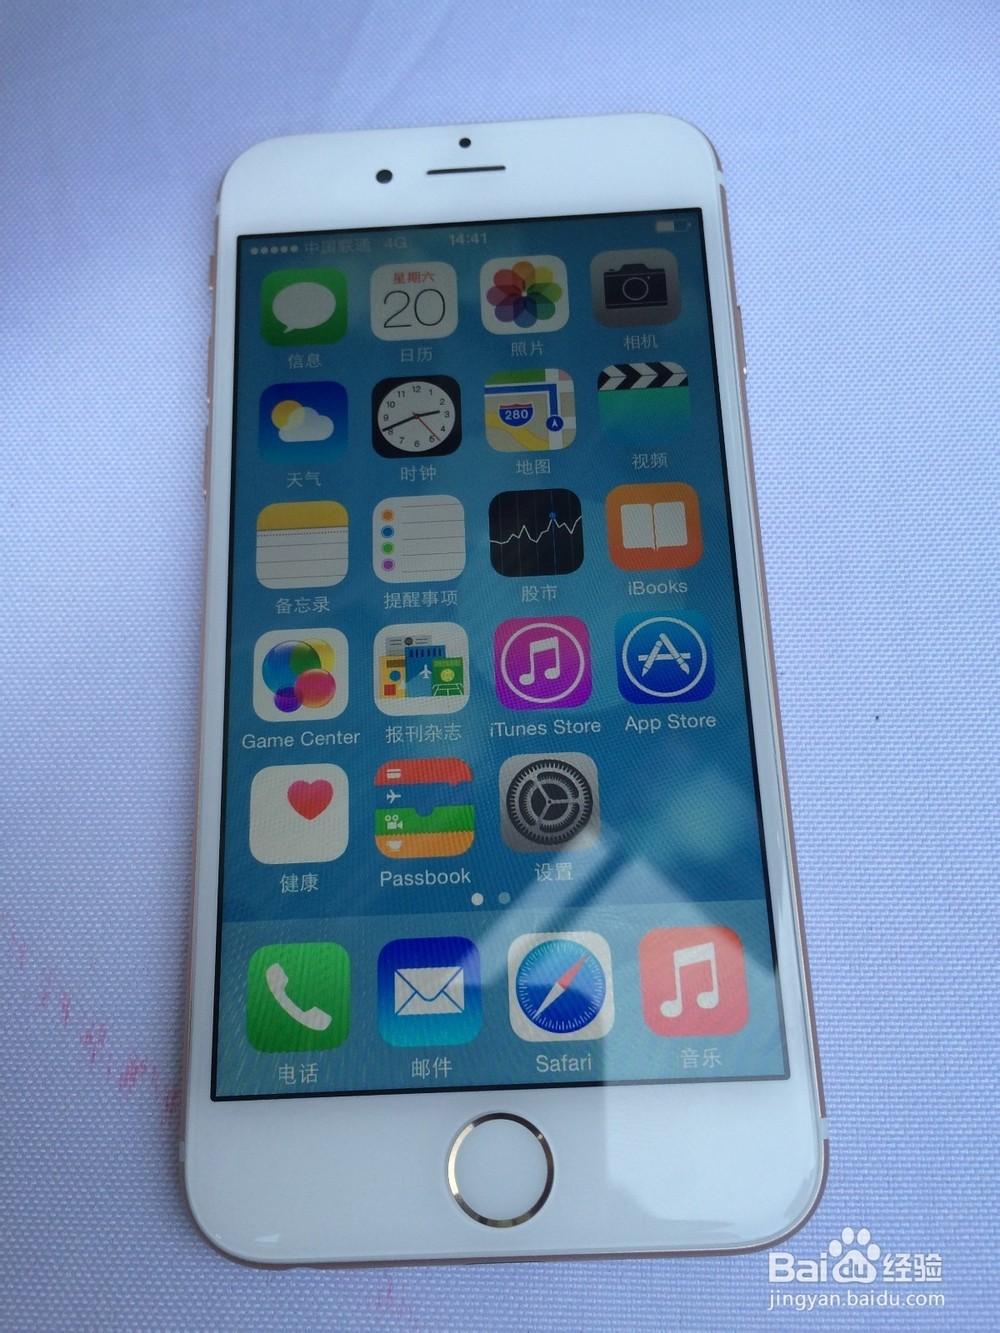 苹果iphone6第一次充电需要注意小米5s手机电用得快图片